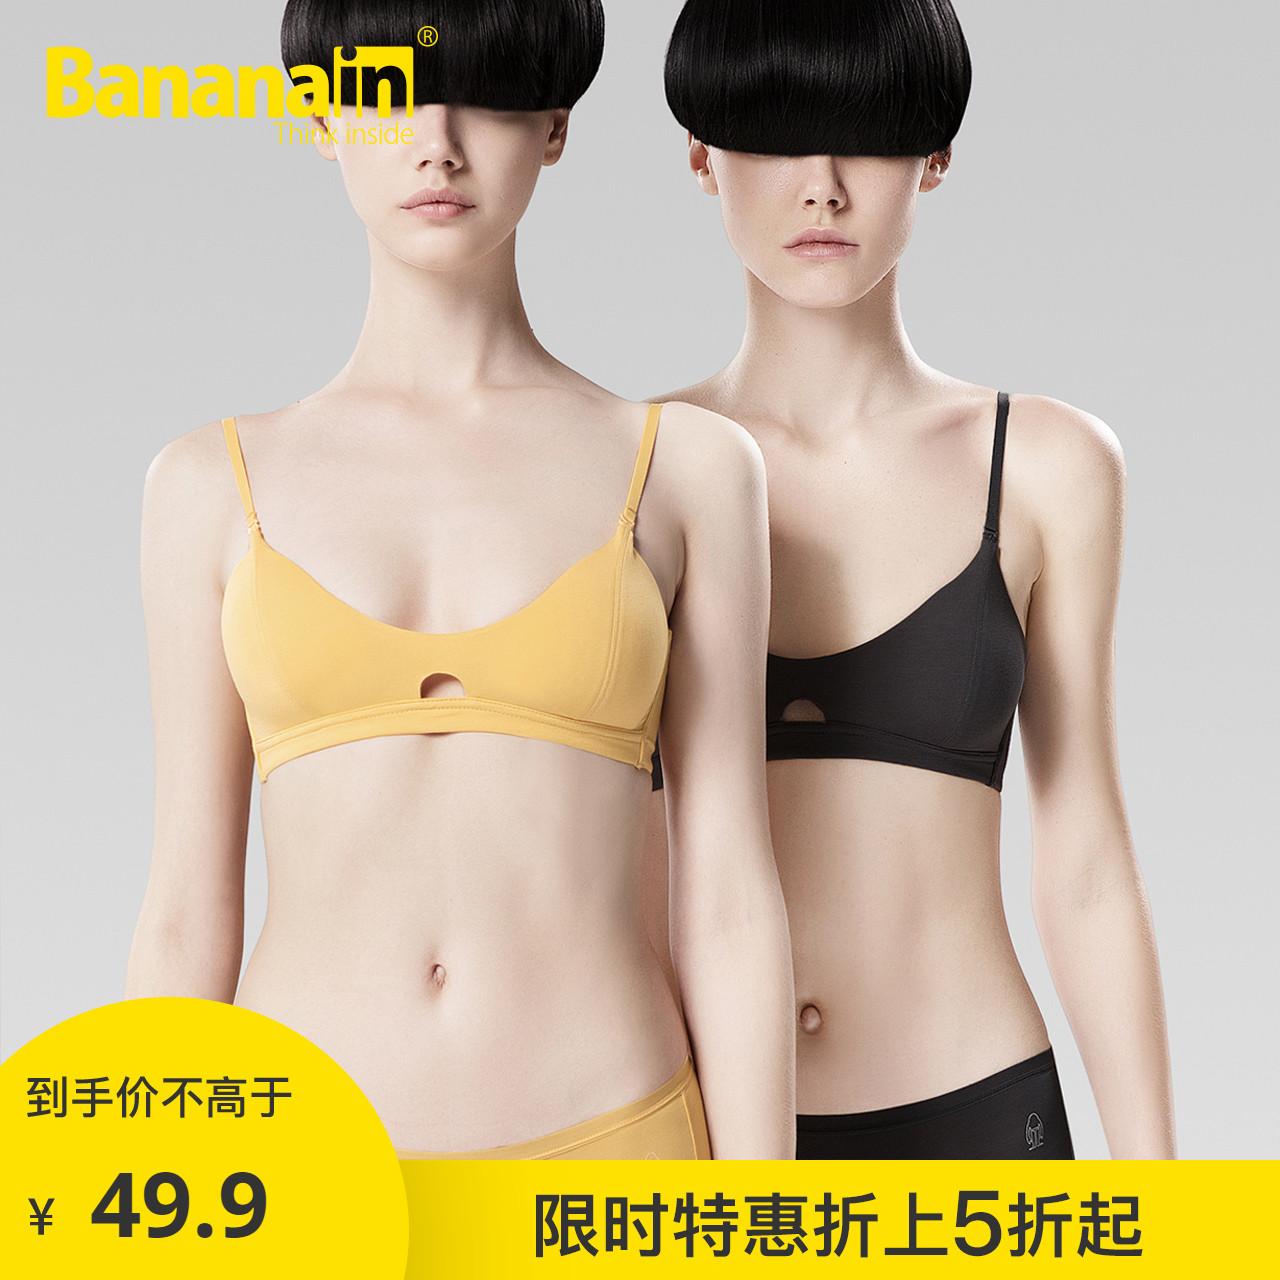 Banana 500E Bà Bra Big Bust cho thấy đồ lót nhỏ dây áo lót Nữ Làm đẹp trở lại Dàn cô gái áo ngực mỏng - Strapless Bras